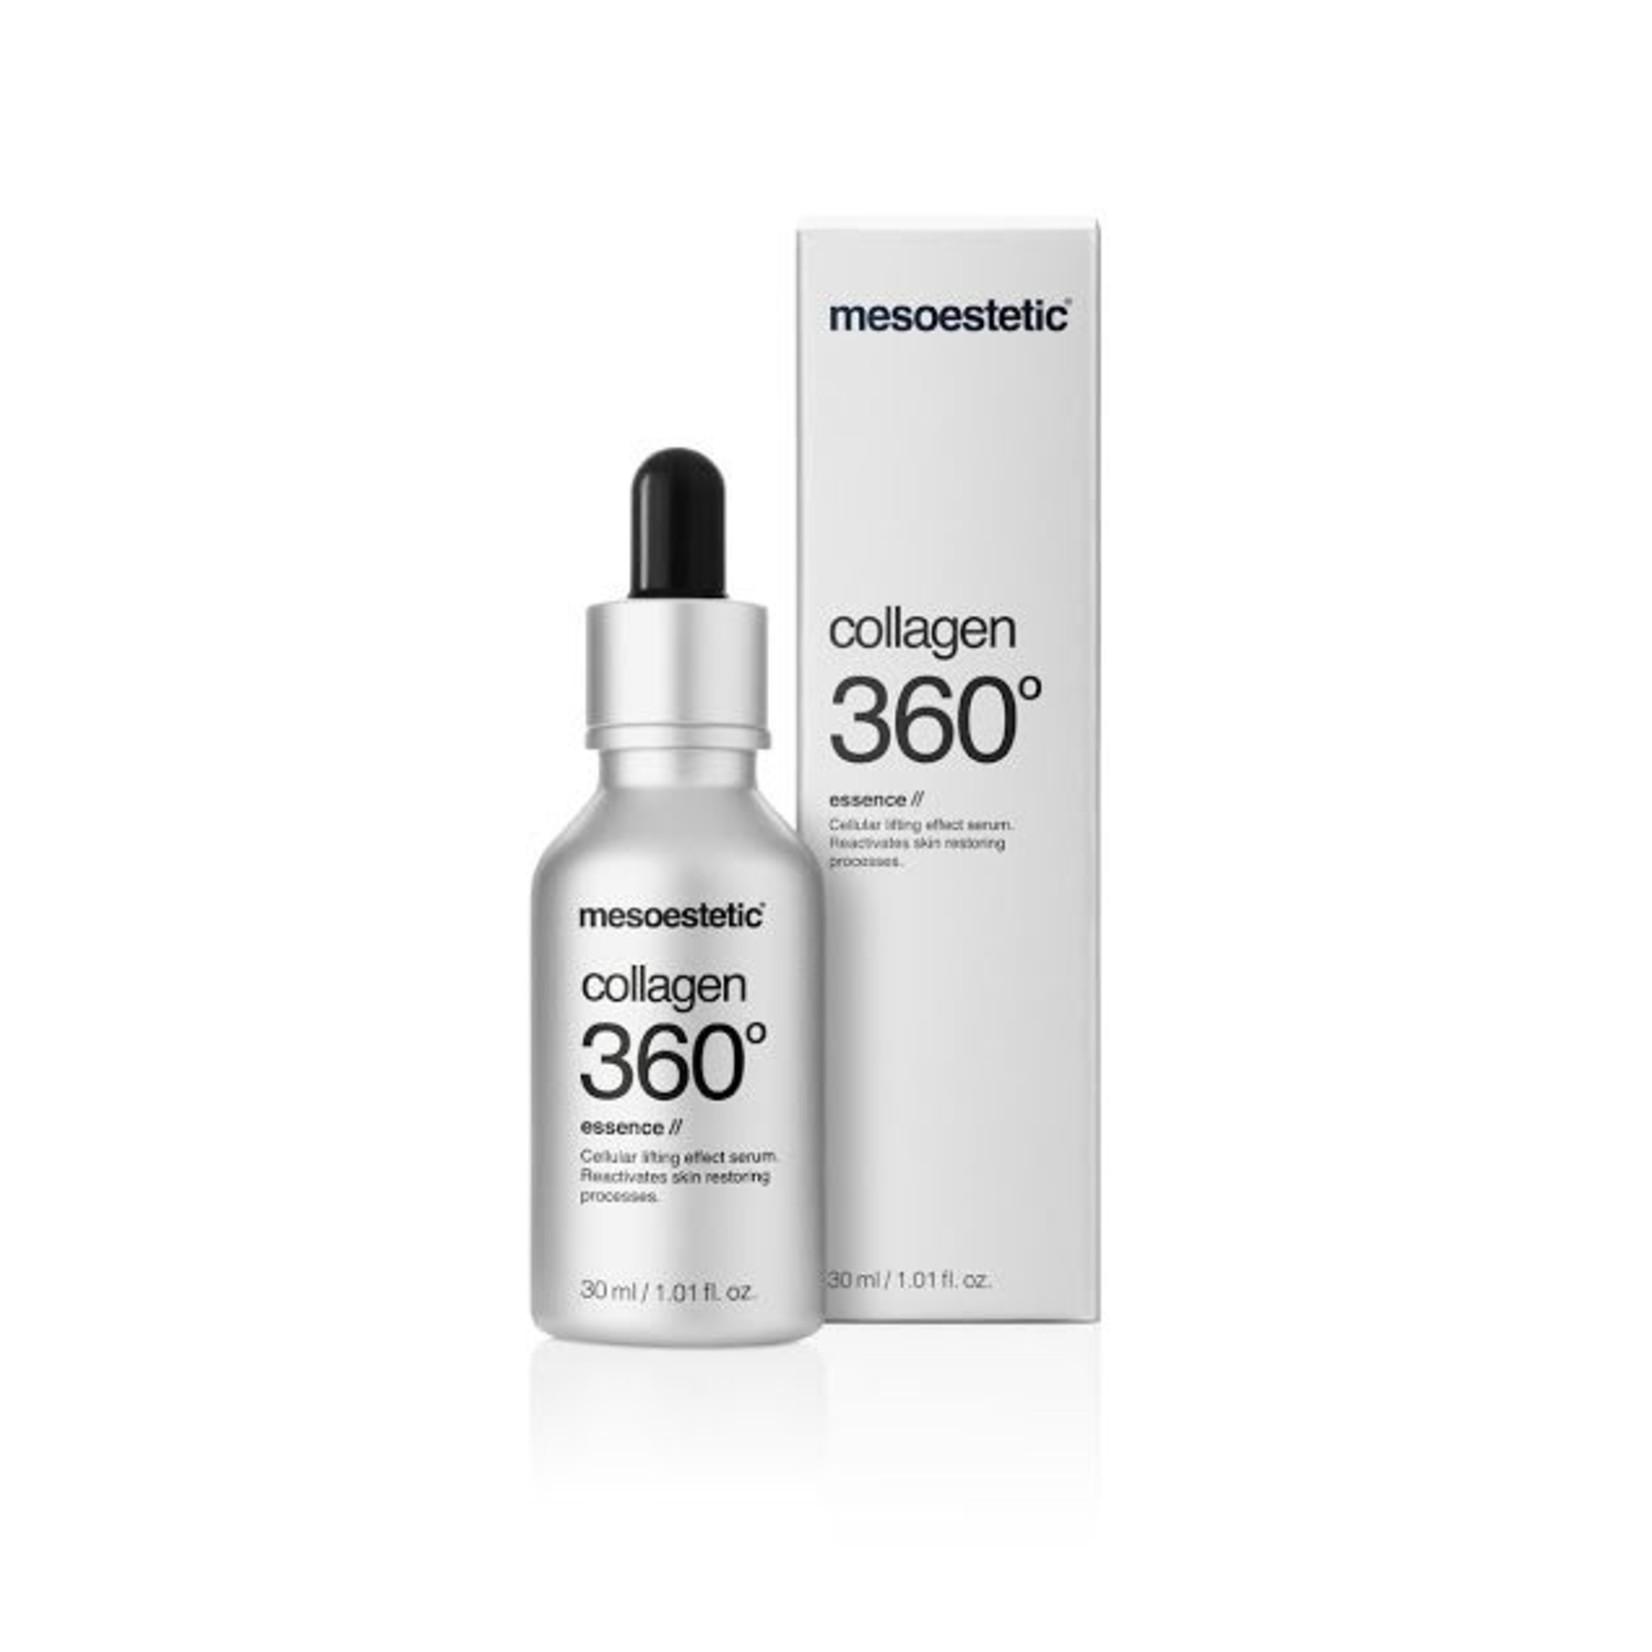 Mesoestetic Voor de verslapte huid van 30 tot 40 jaar verstevigend en verstrakkend effect